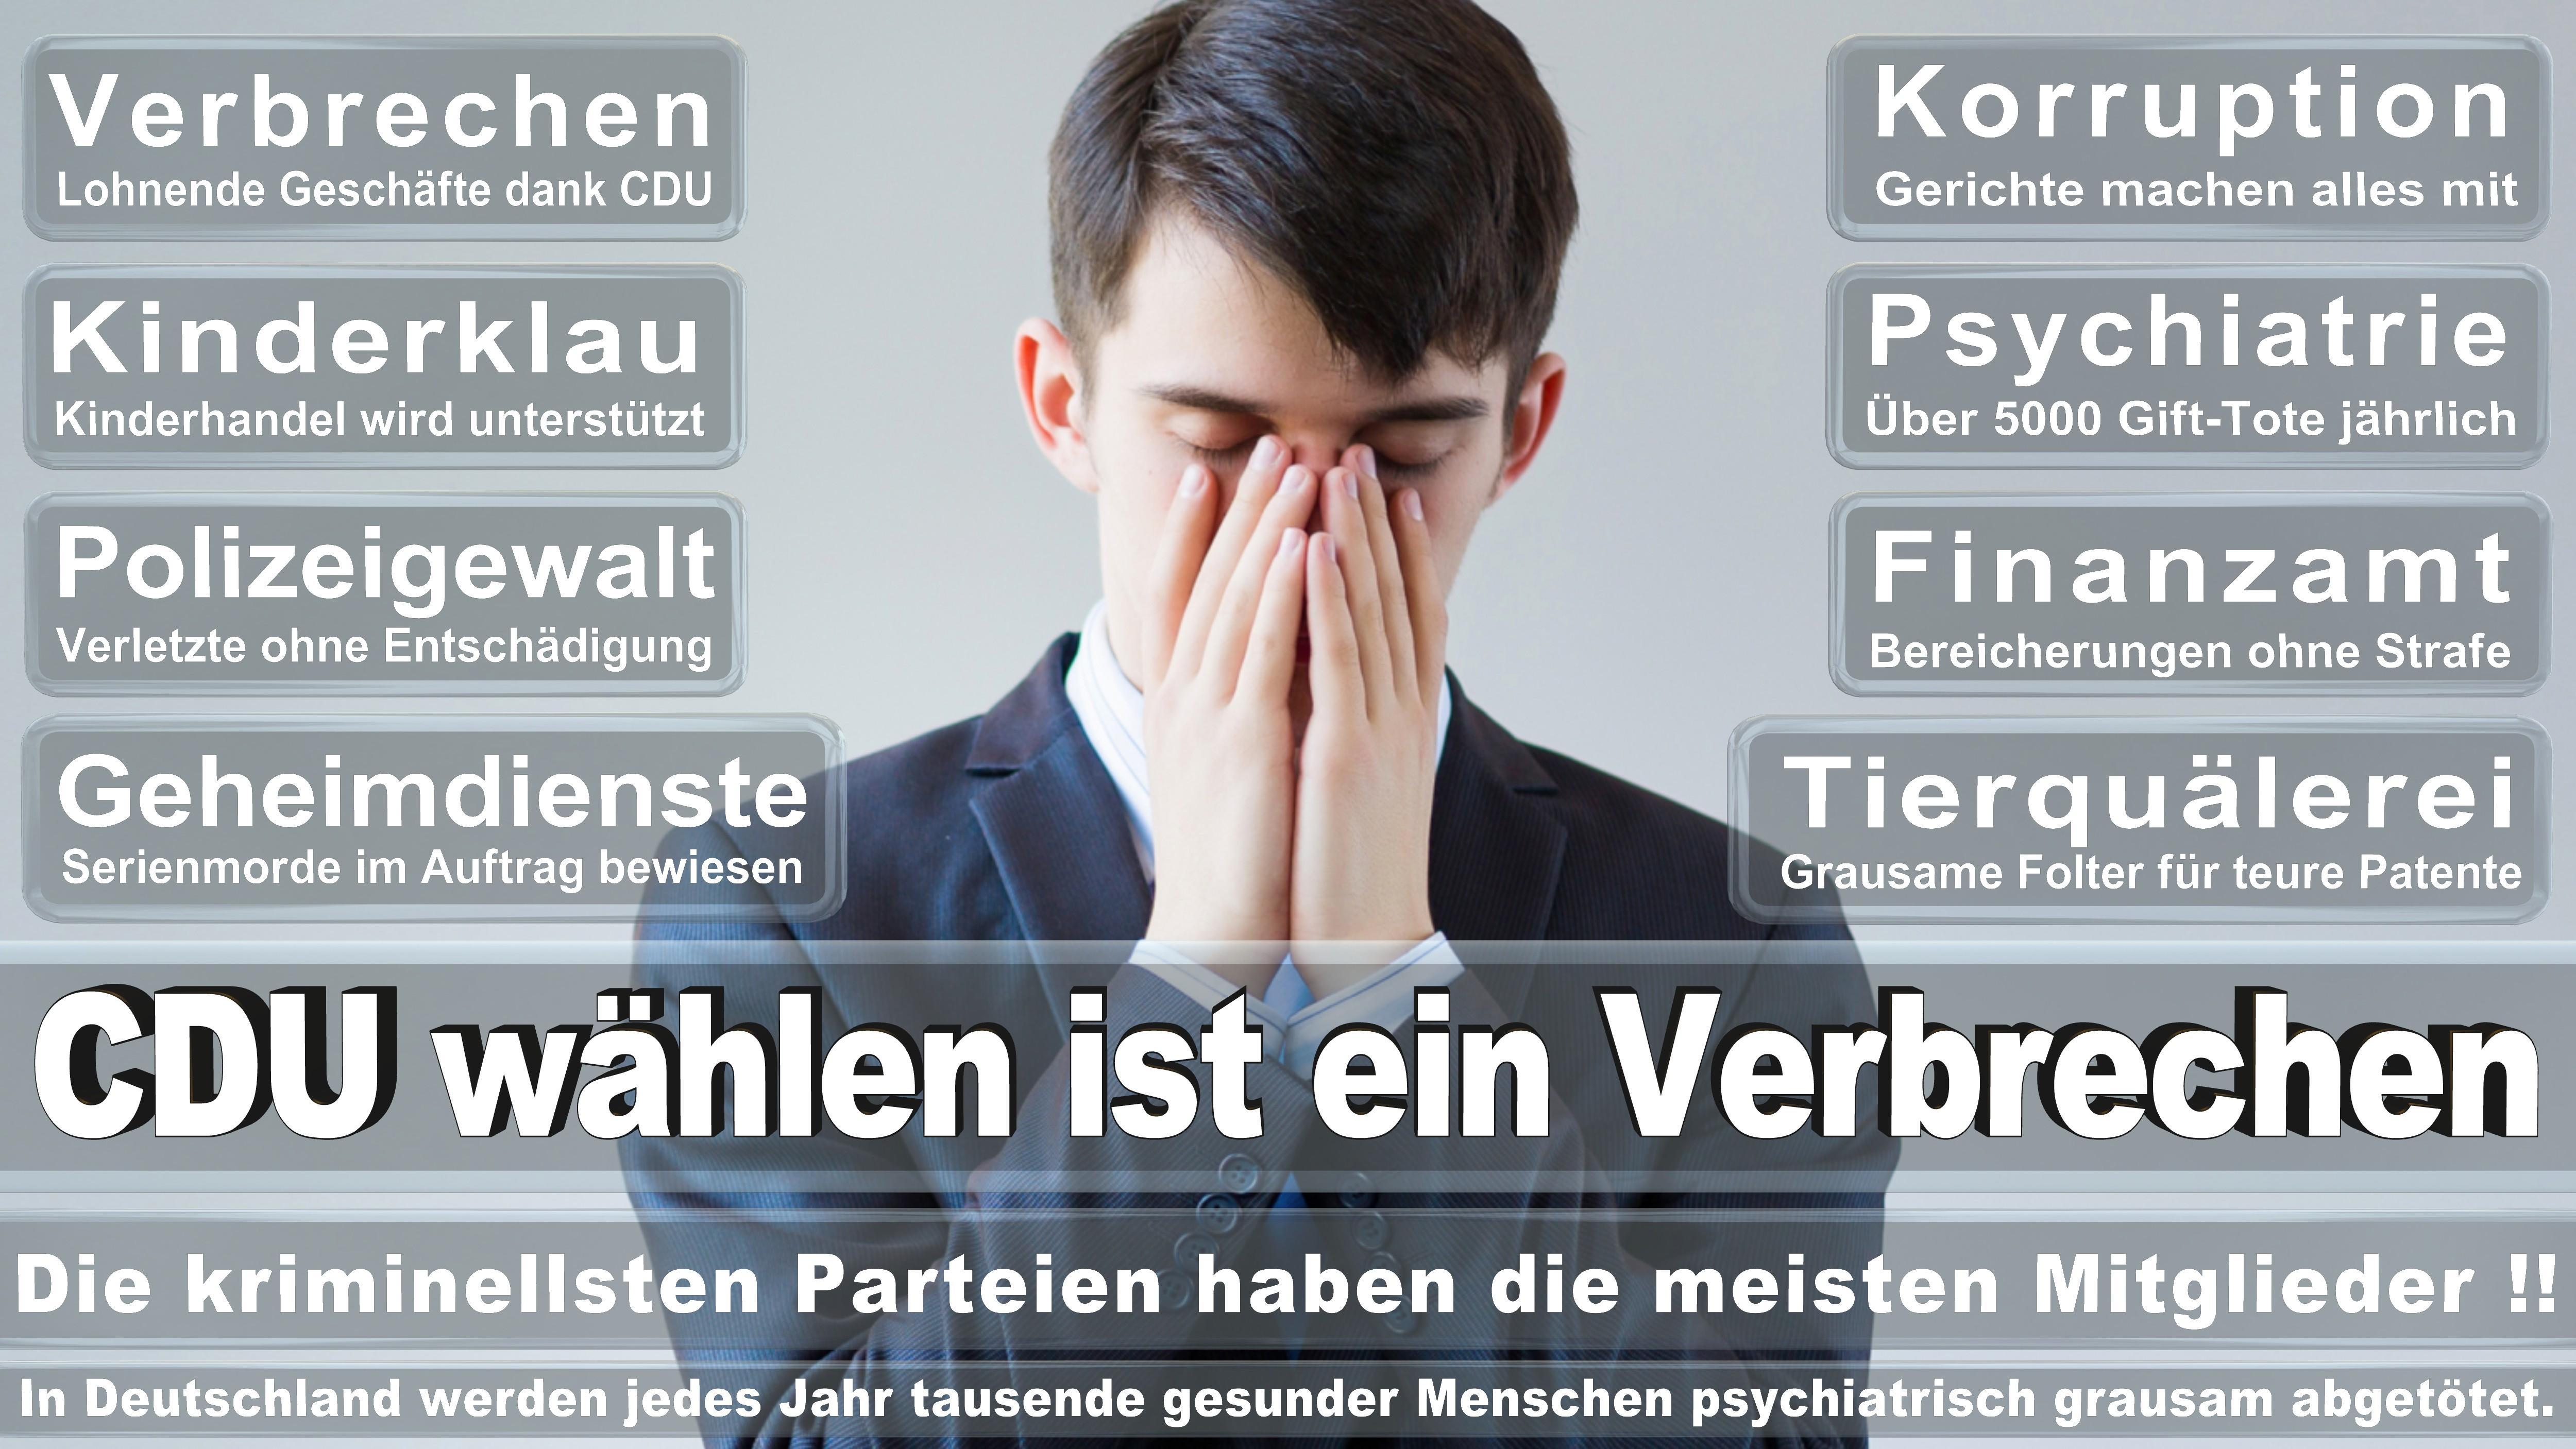 Martina Schneidereit FDP Bielefeld